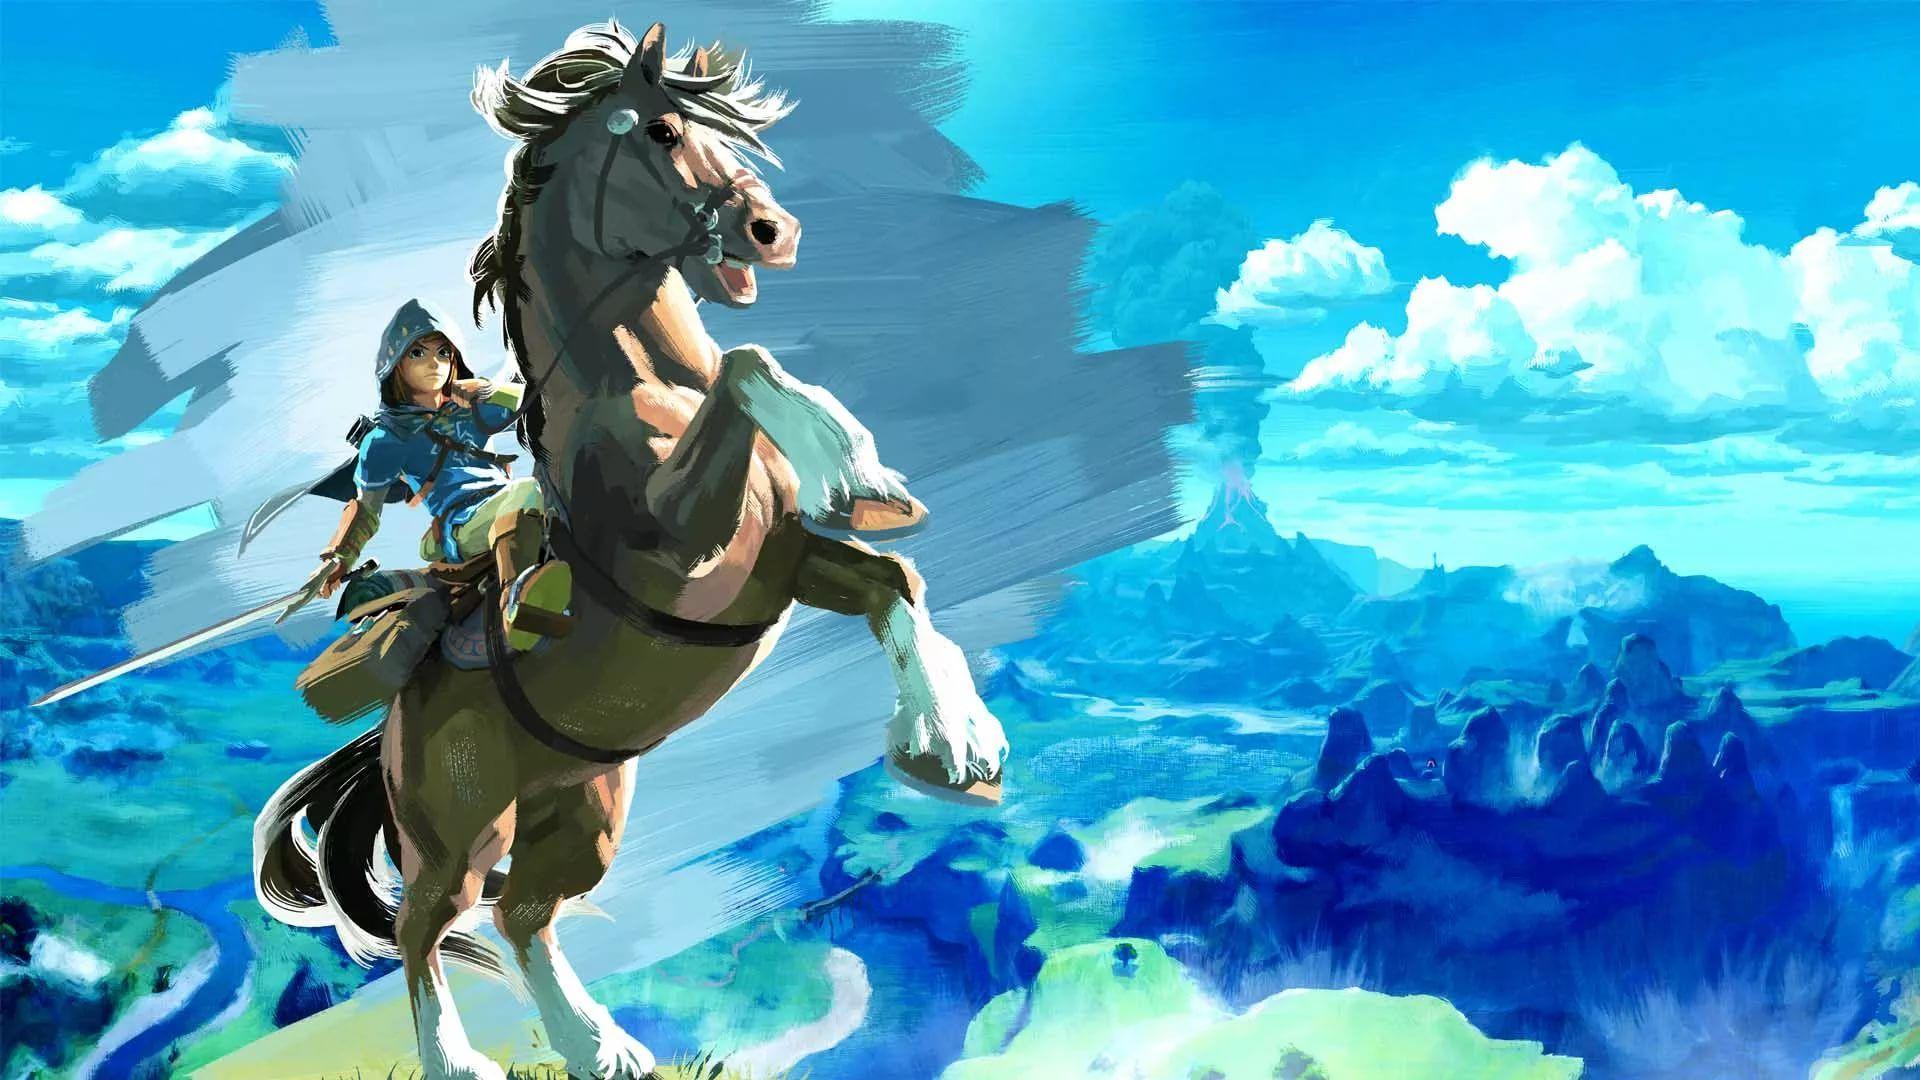 Zelda Live Nice Wallpaper